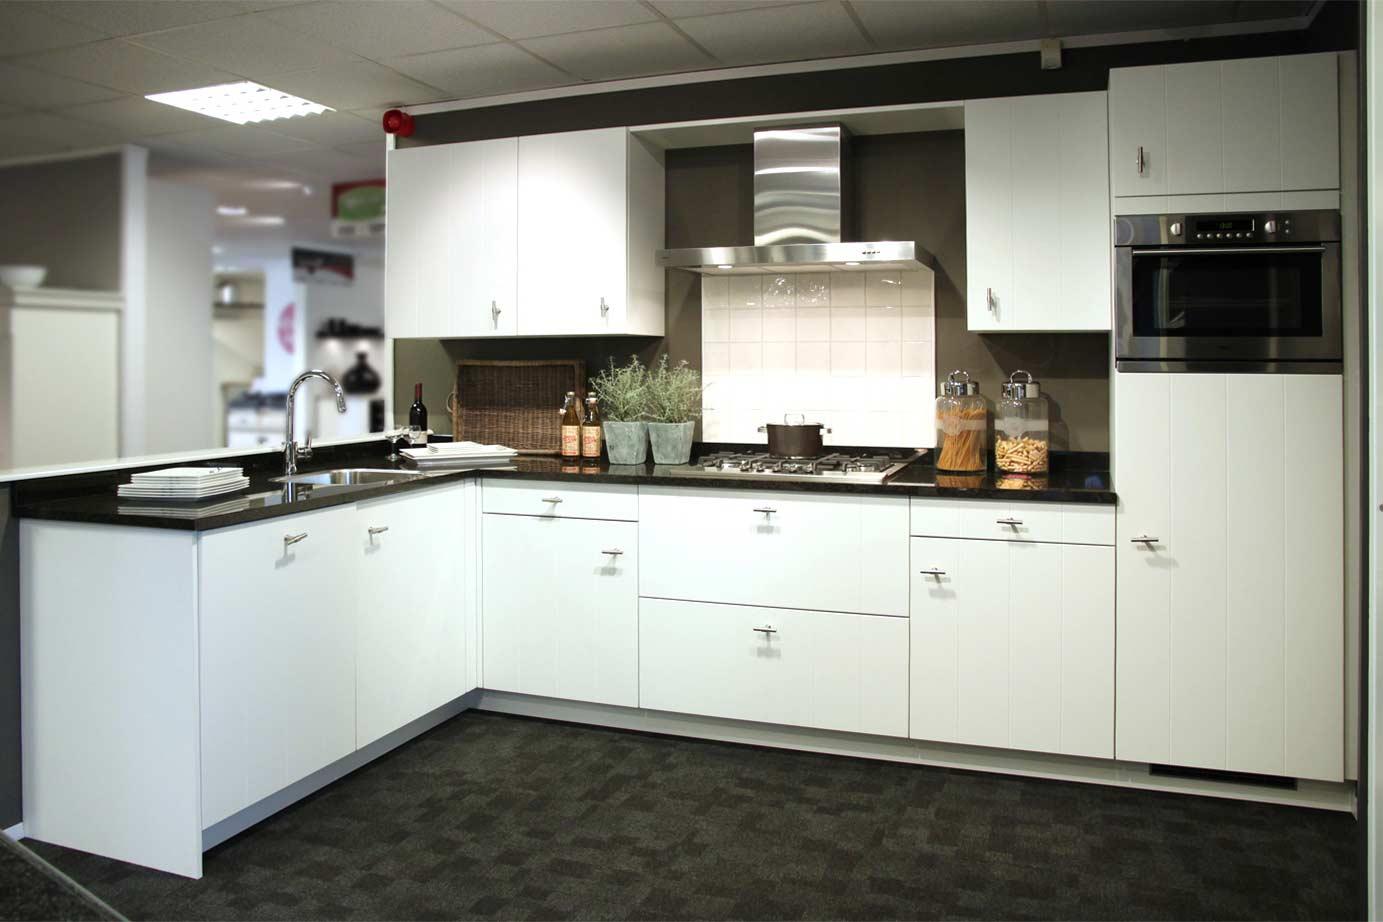 Handgrepen Keuken Prijs : Witte keuken Met apparatuur van Pelgrim DB Keukens